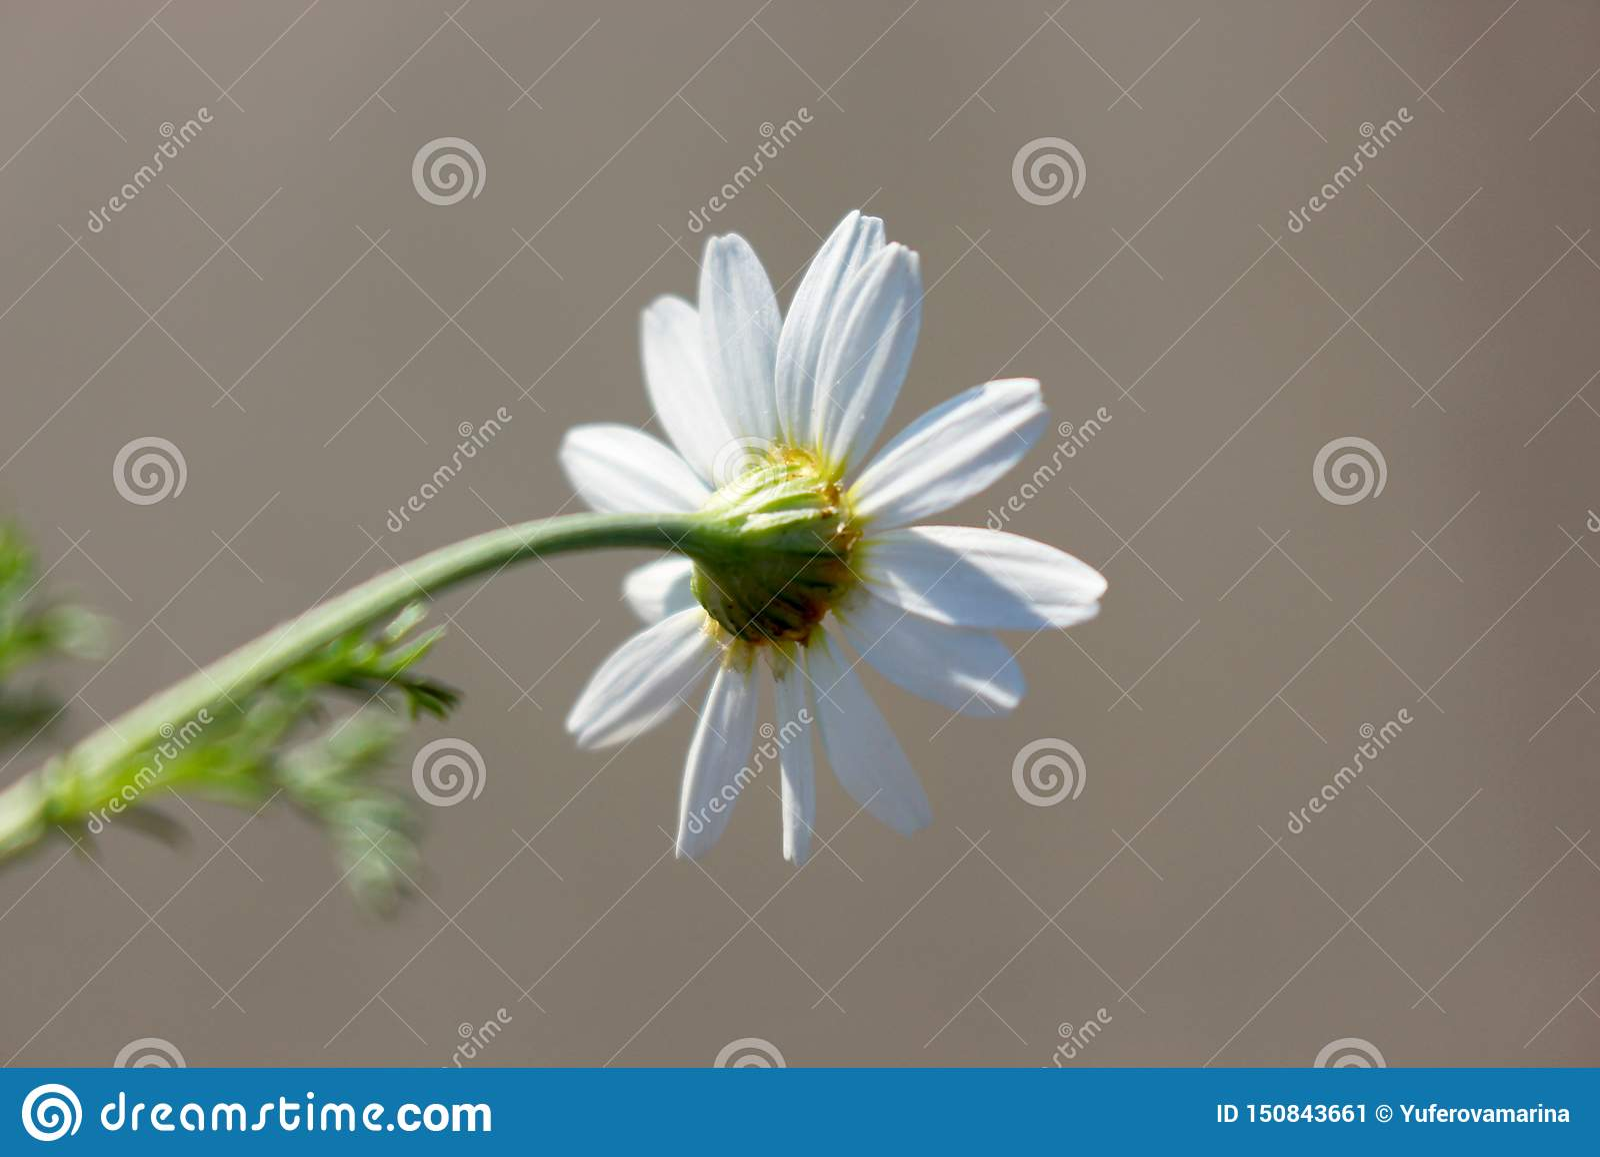 Macro foto della camomilla bianca di estate luminosa sul gambo